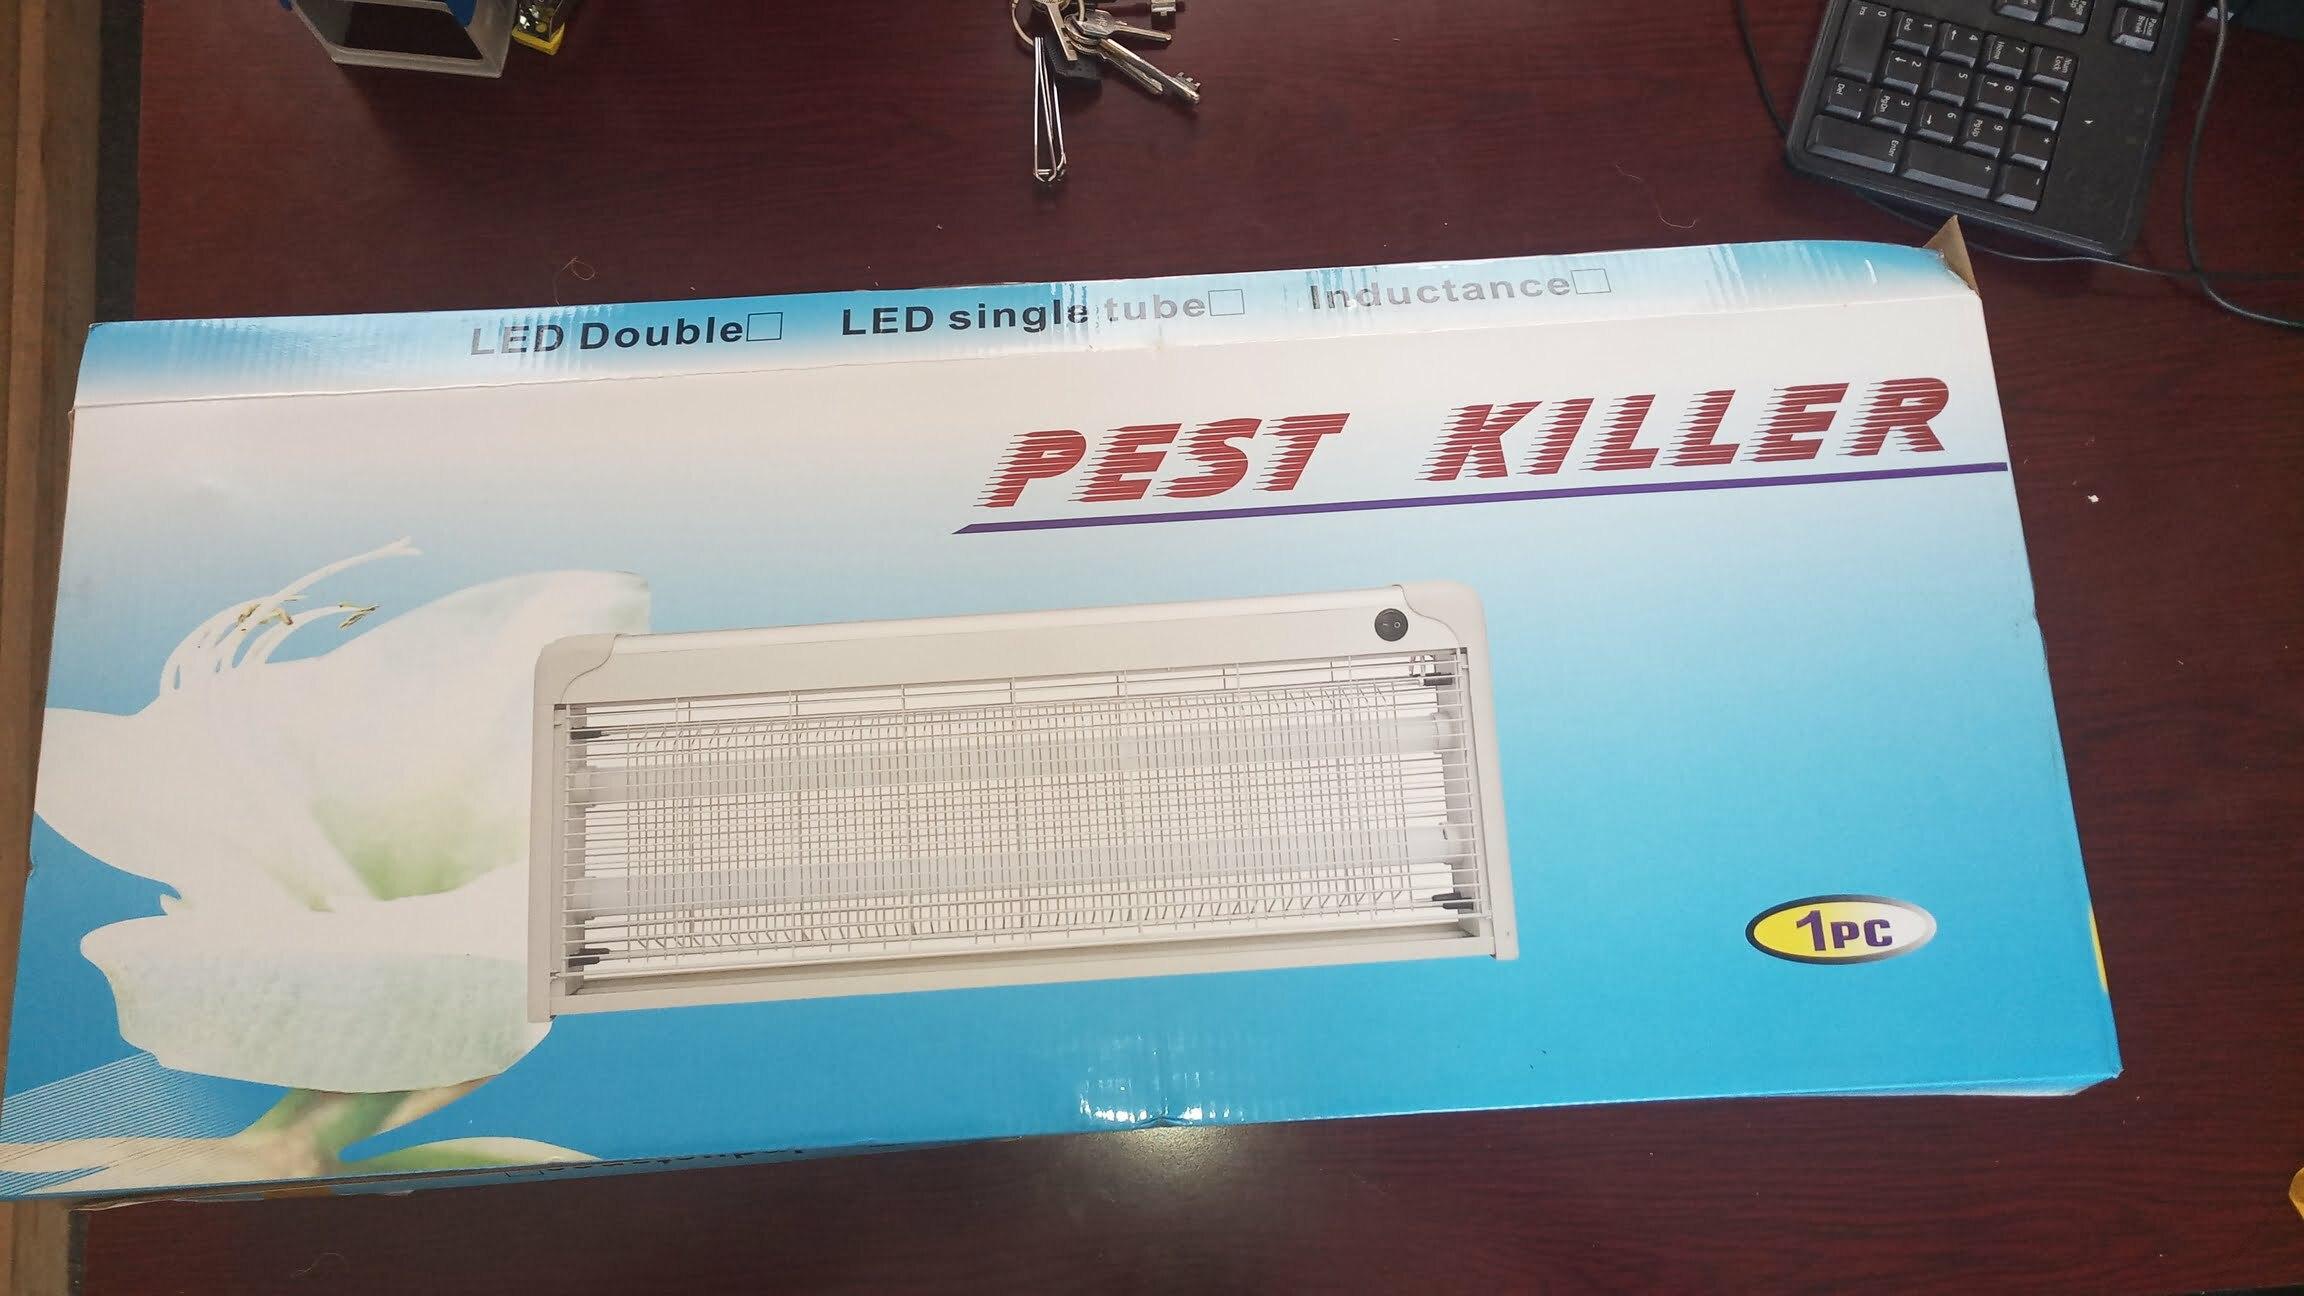 Buy Pest Killer Online | Best Electrical Insect Killer